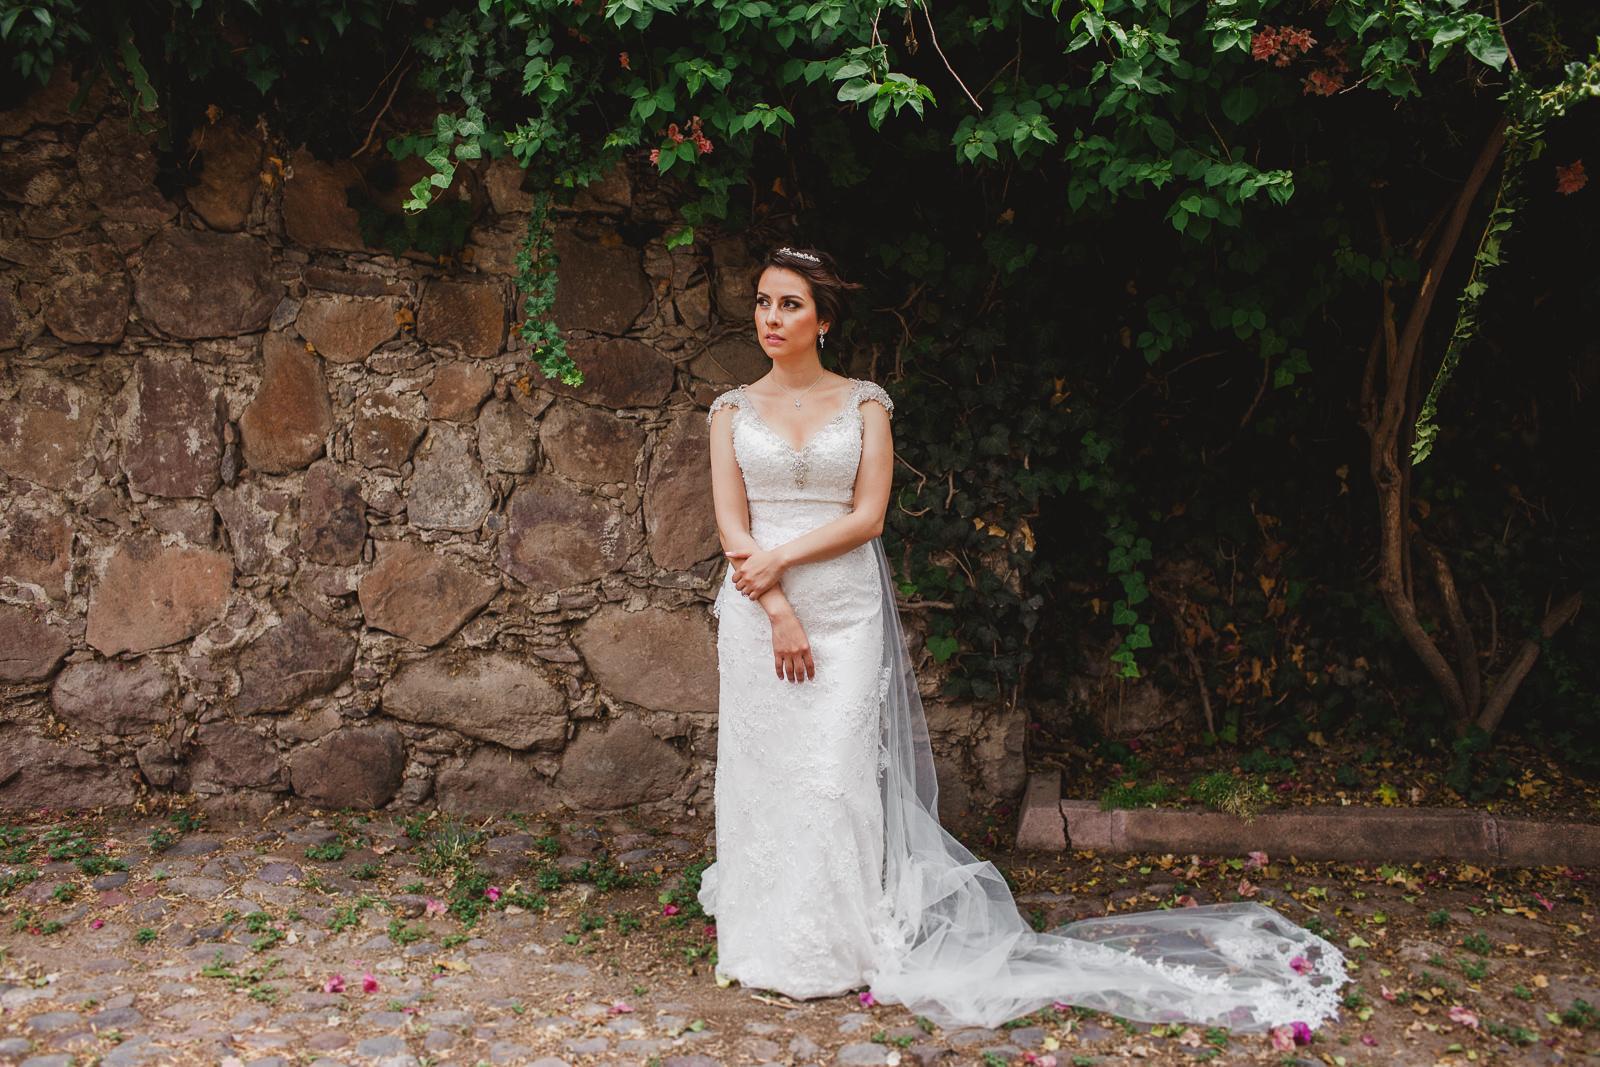 fotografo-de-bodas-san-miguel-de-allende-026